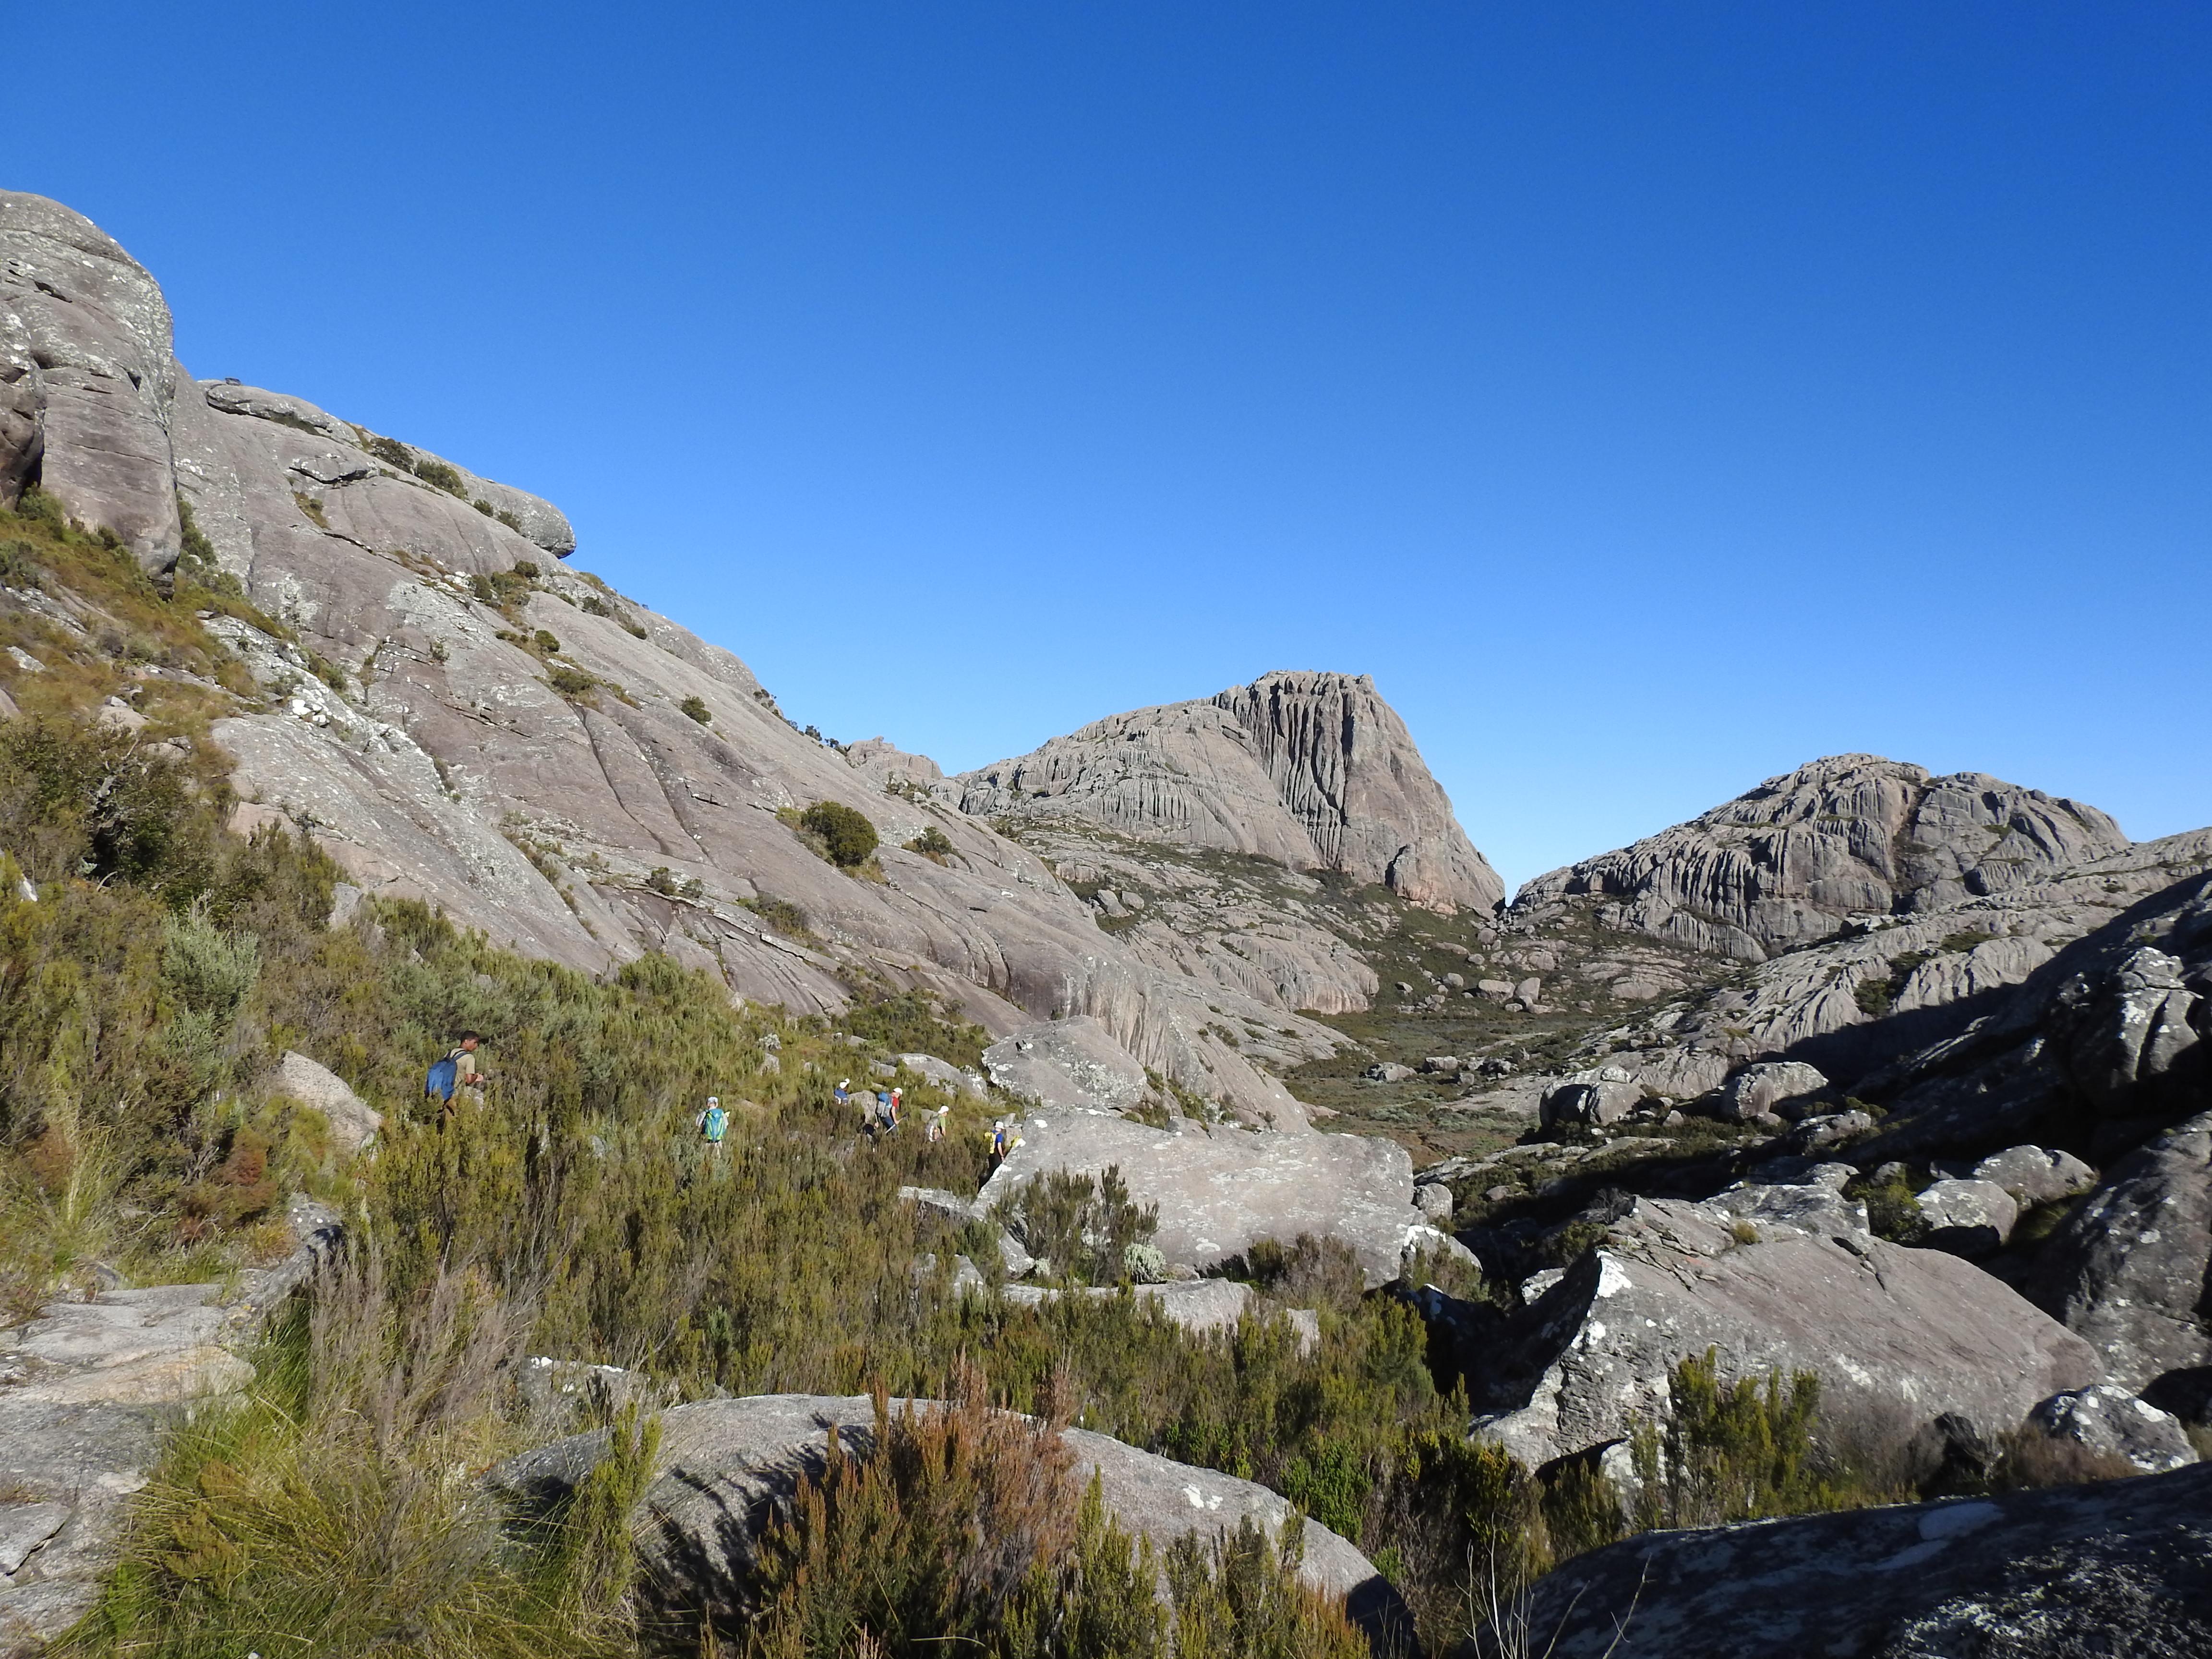 Andringitra Gebirge, auf dem Weg zum Pic Boby - der Gipfel in der Mitte des Bildes